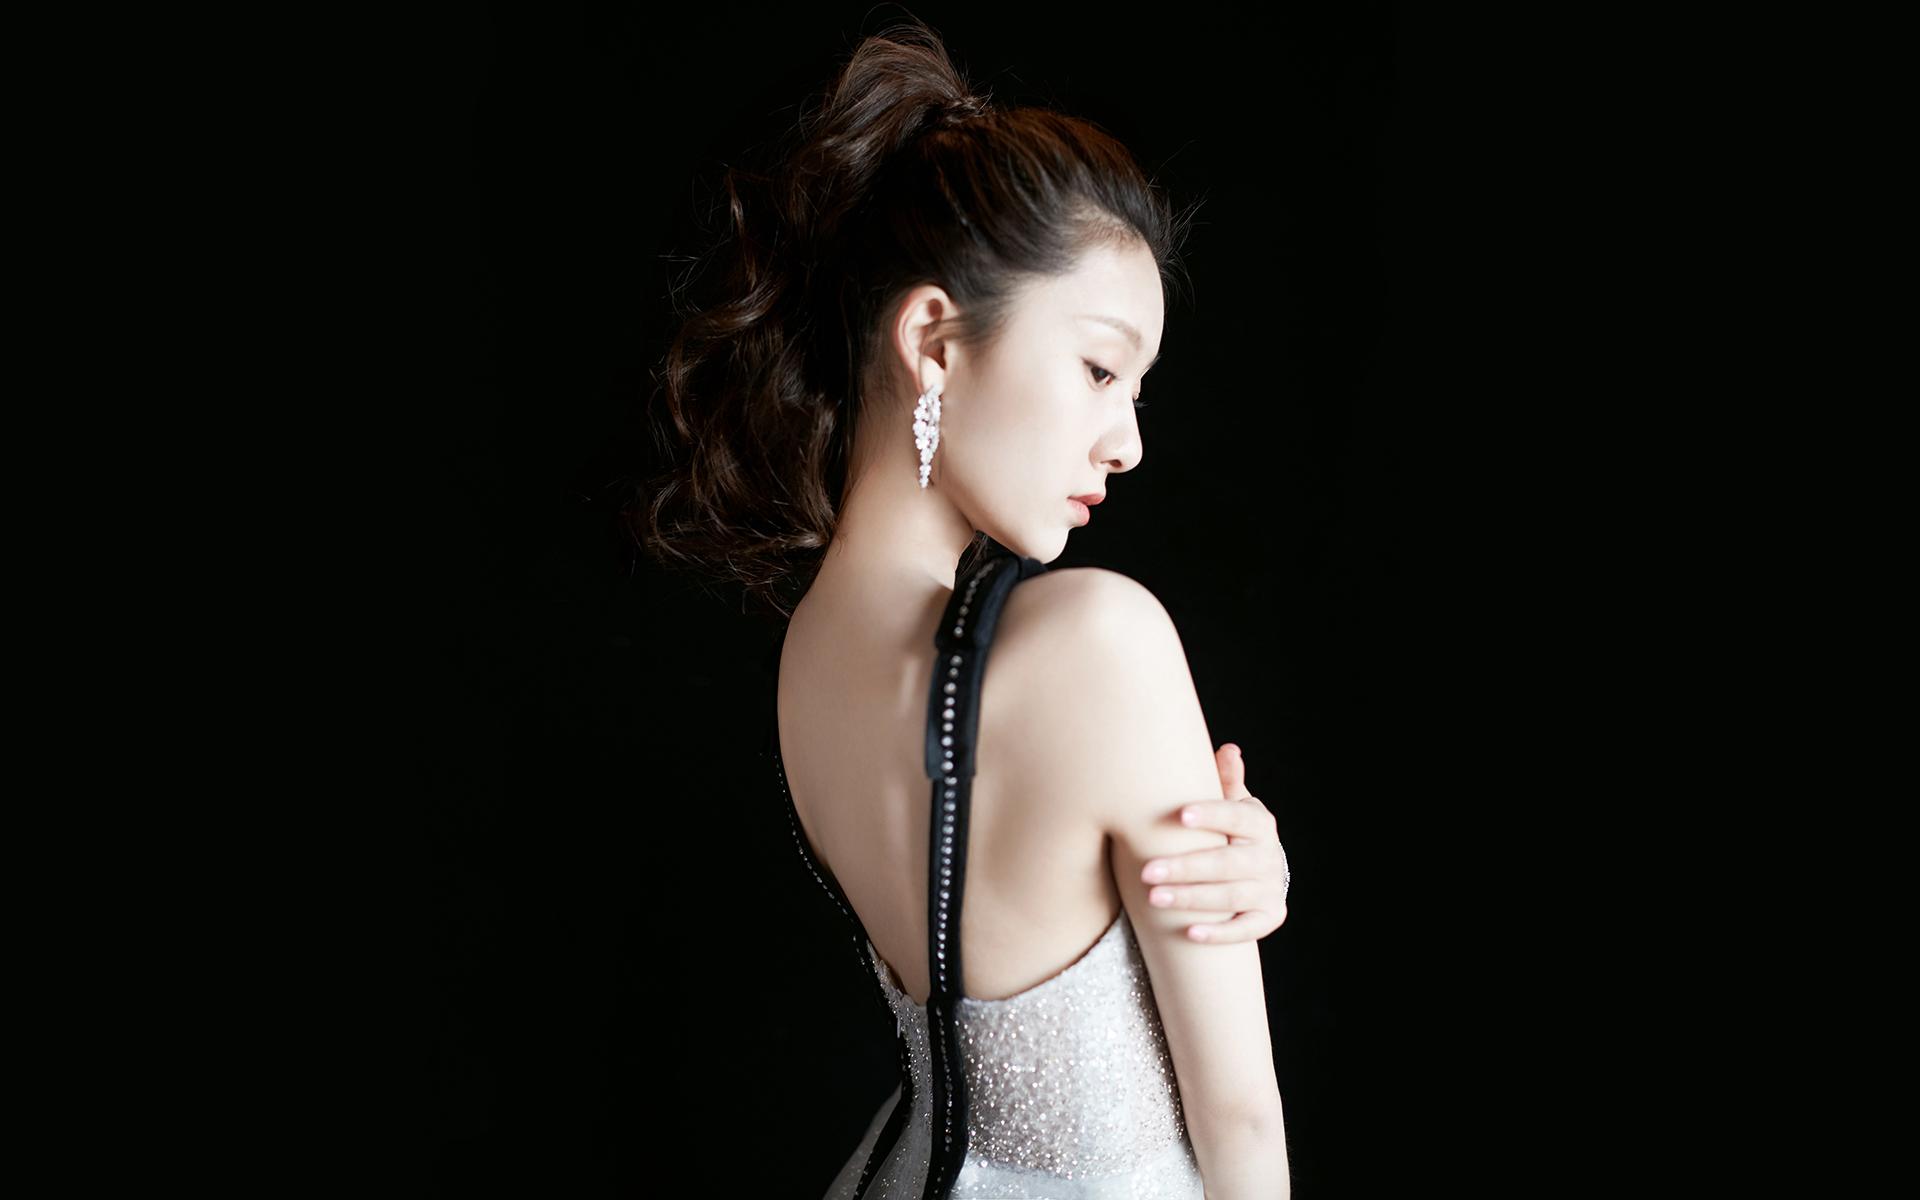 王子璇性感银色纱裙桌面壁纸